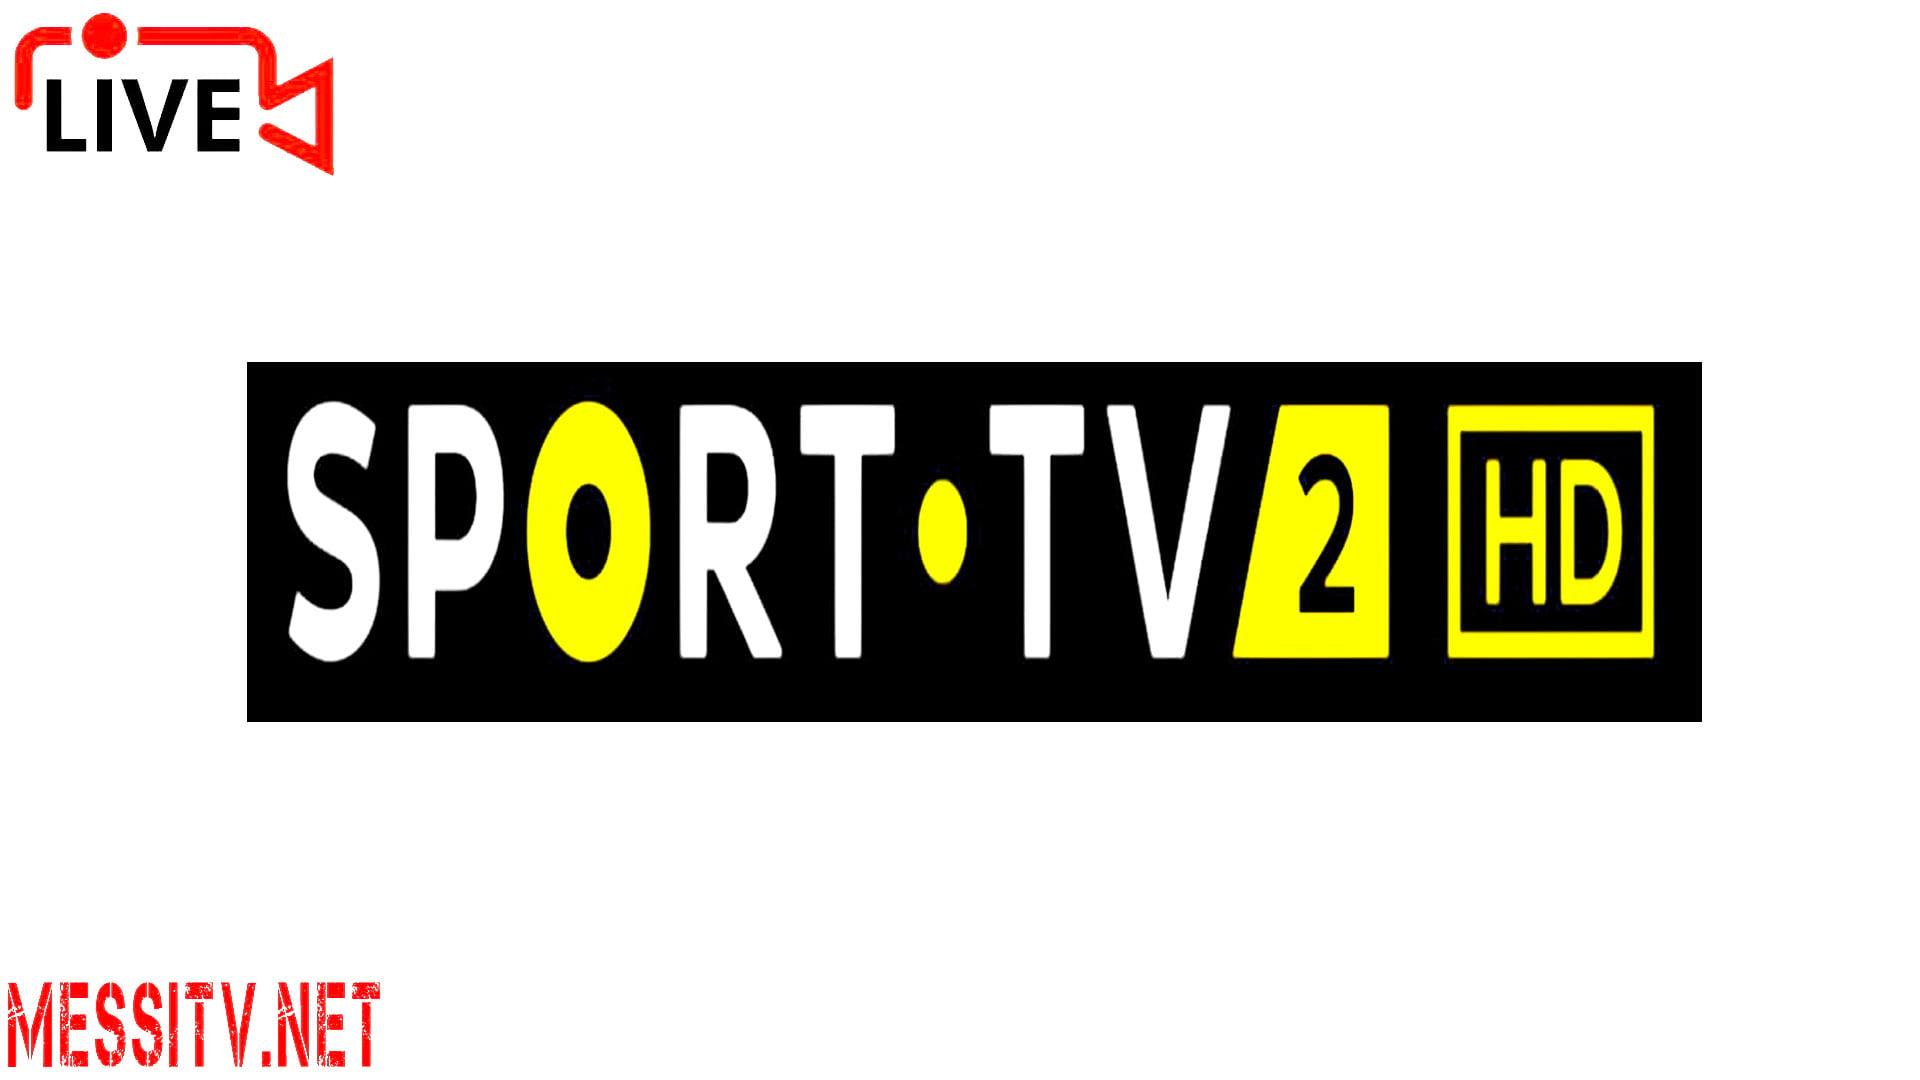 Sport TV 1 HD Portugal, Sport TV 2 HD Portugal, Sport TV 3 HD Portugal, Sport TV 4 HD Portugal, Sport TV 5 HD Portugal, Assistir Portugal TV ao vivo online